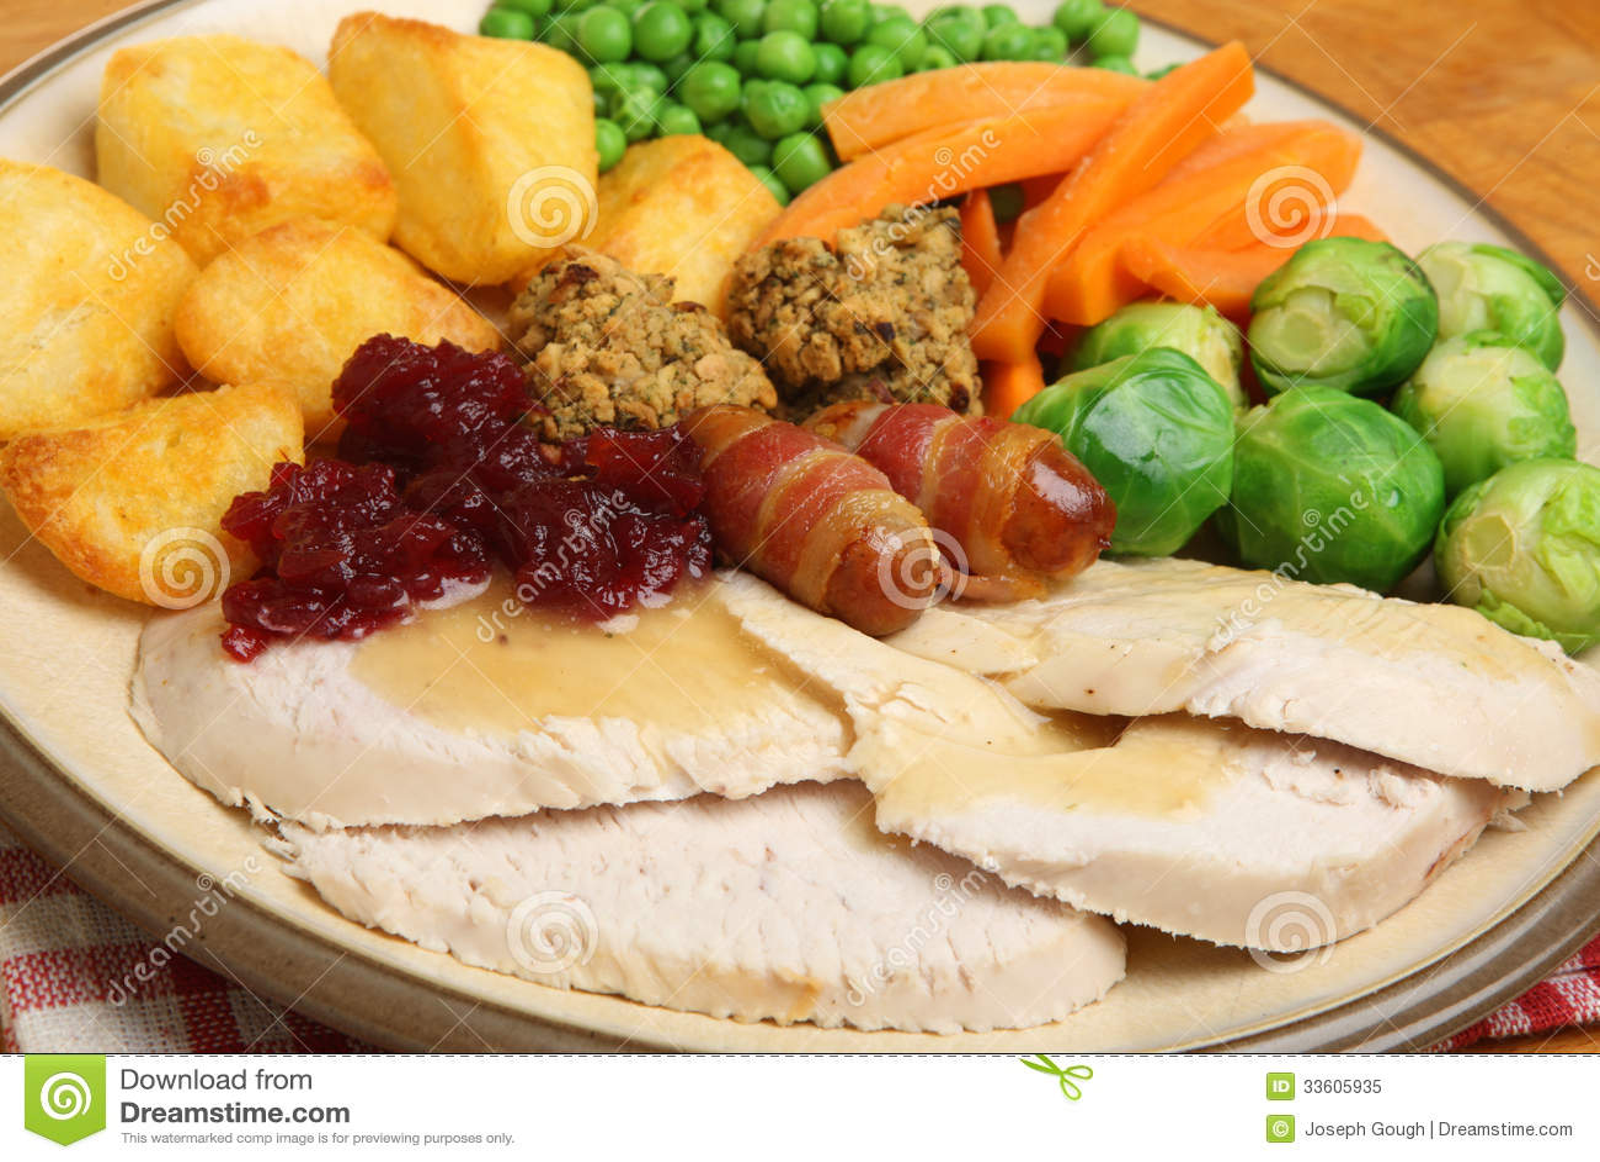 Braten Weihnachten.Die Braten Türkei Weihnachtsessen Stockbild Bild Von Kartoffel